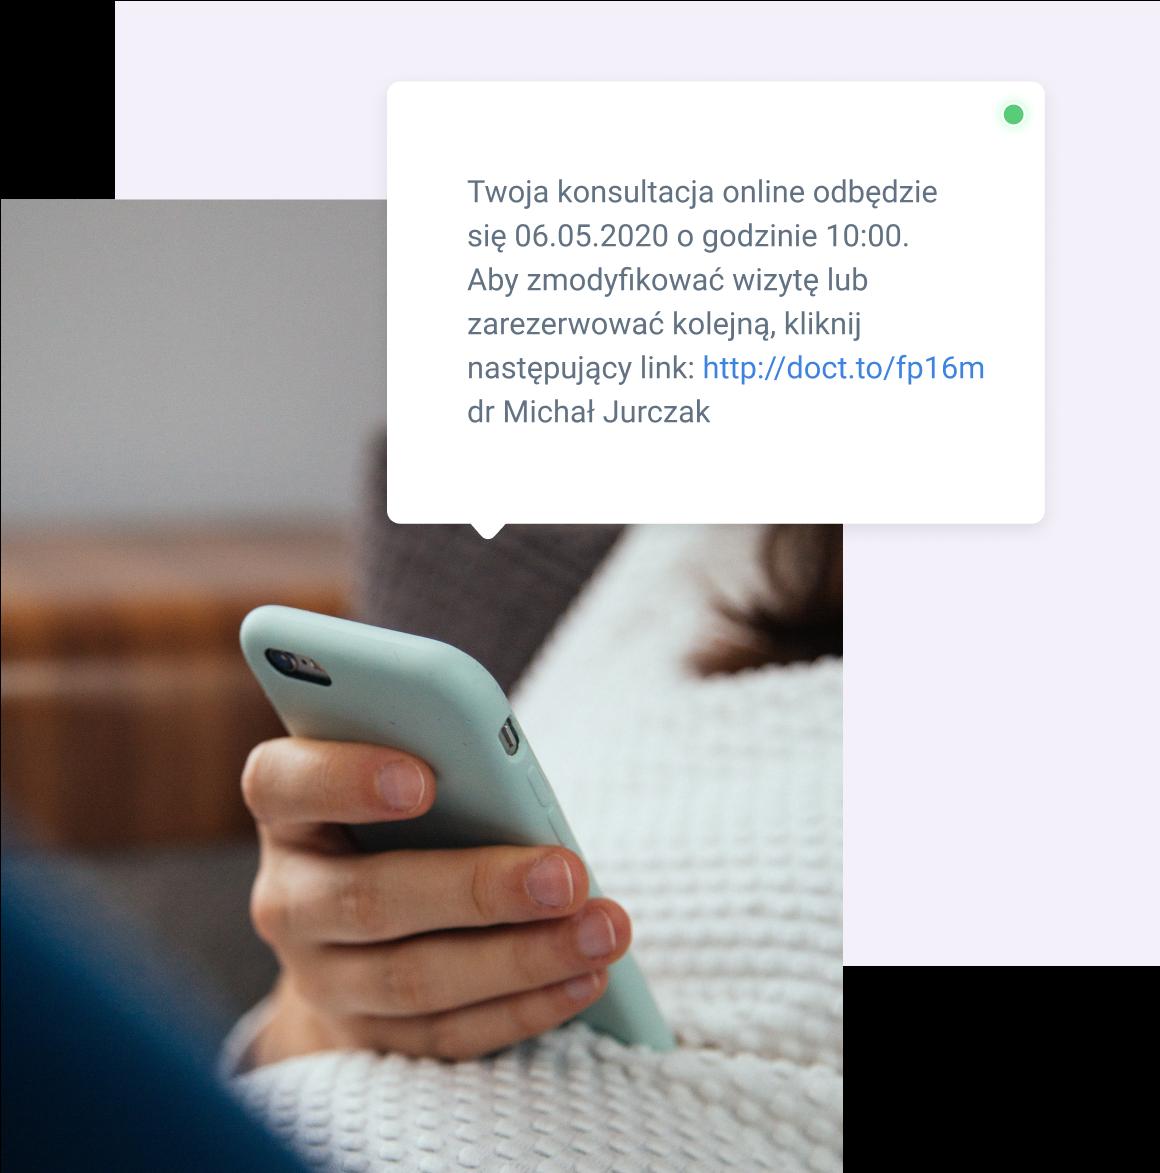 pl-online-consultation-lp-solution-2@2x